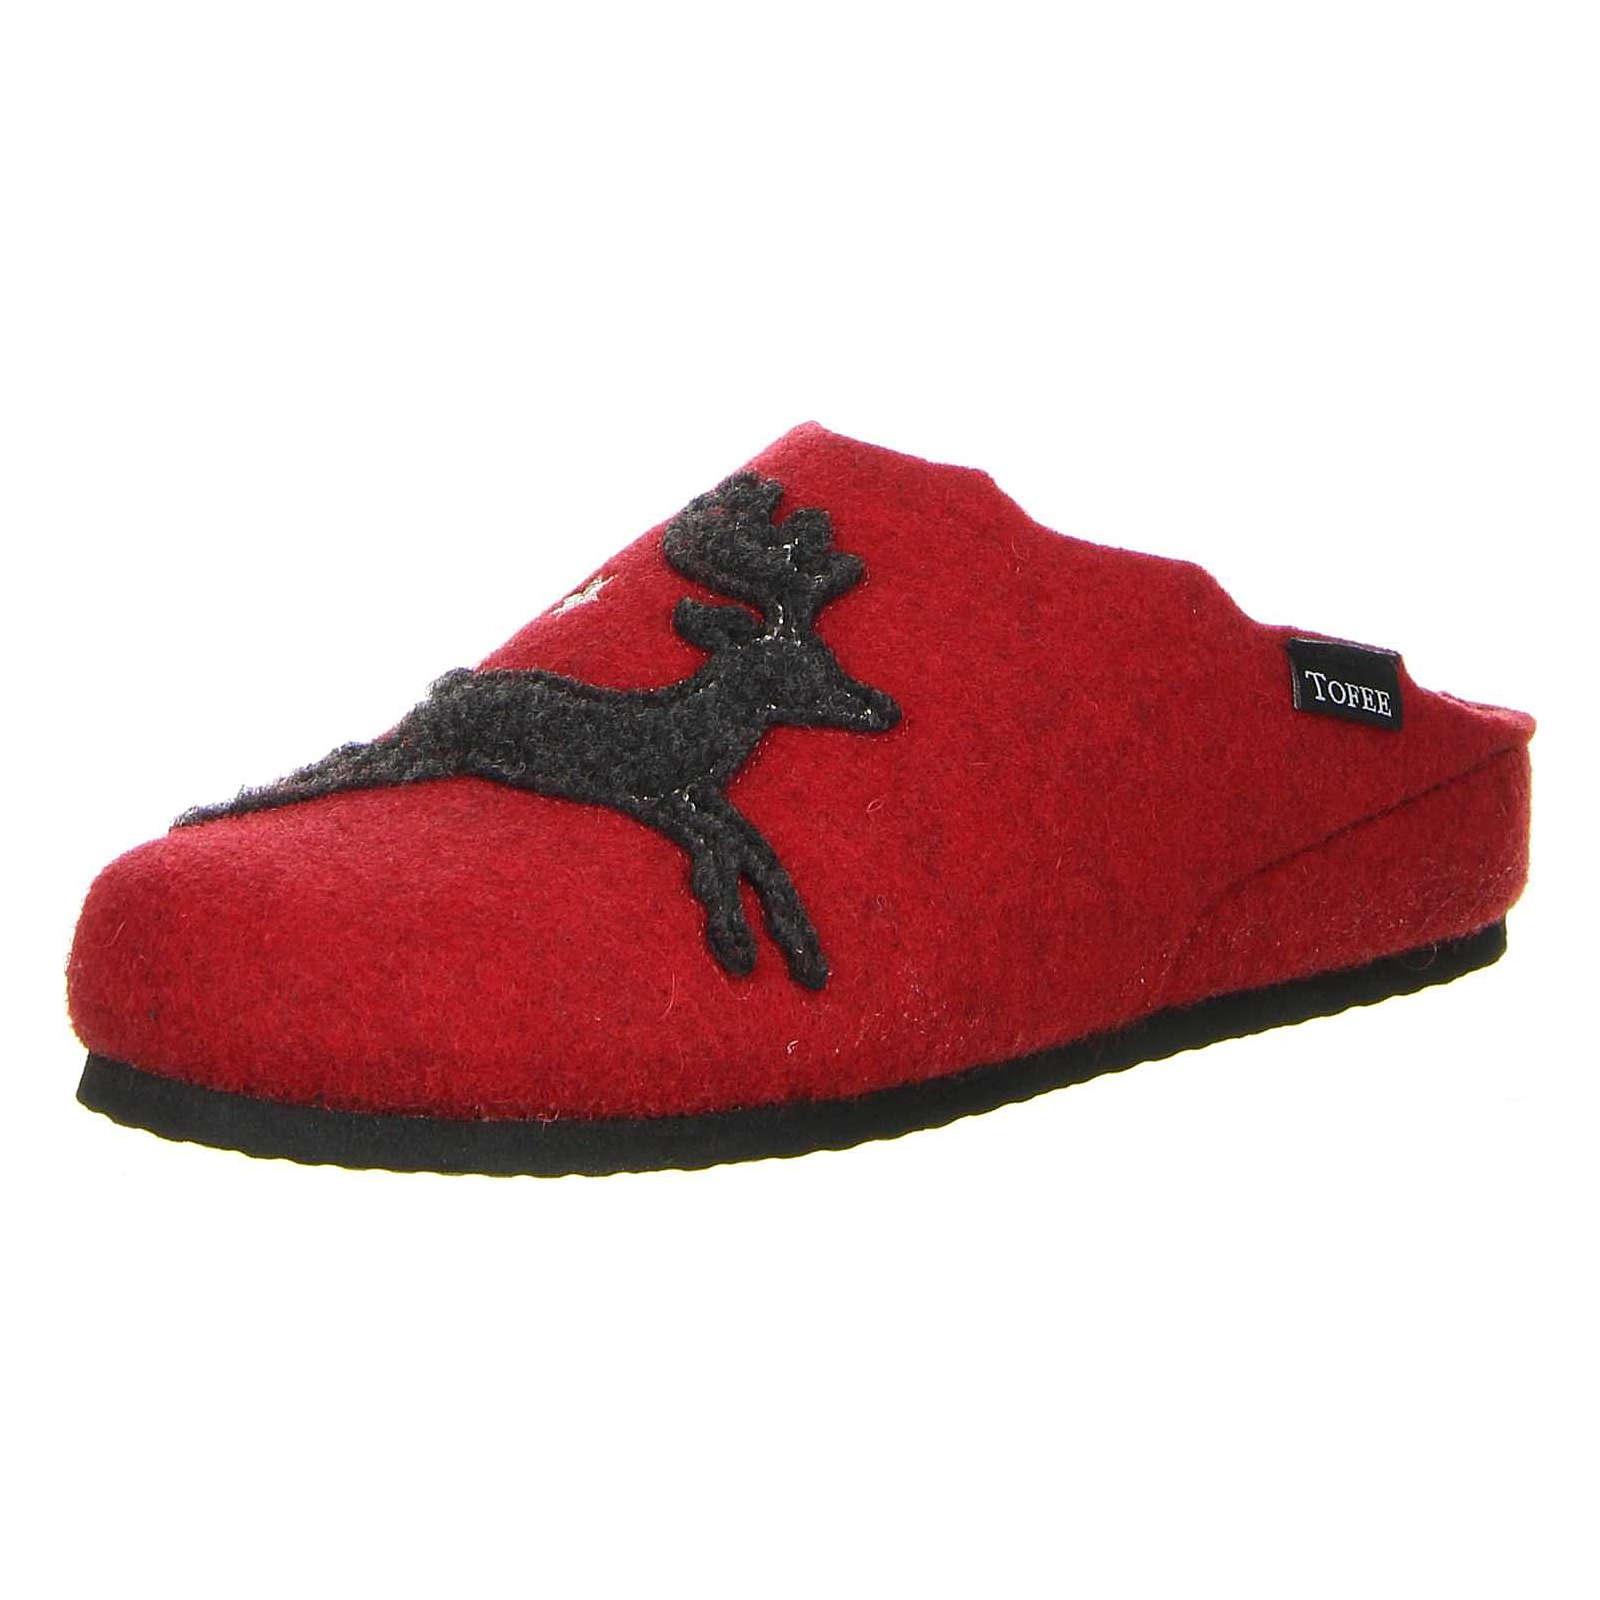 Tofee Damen Hausschuhe (Elch) rot rot Damen Gr. 41